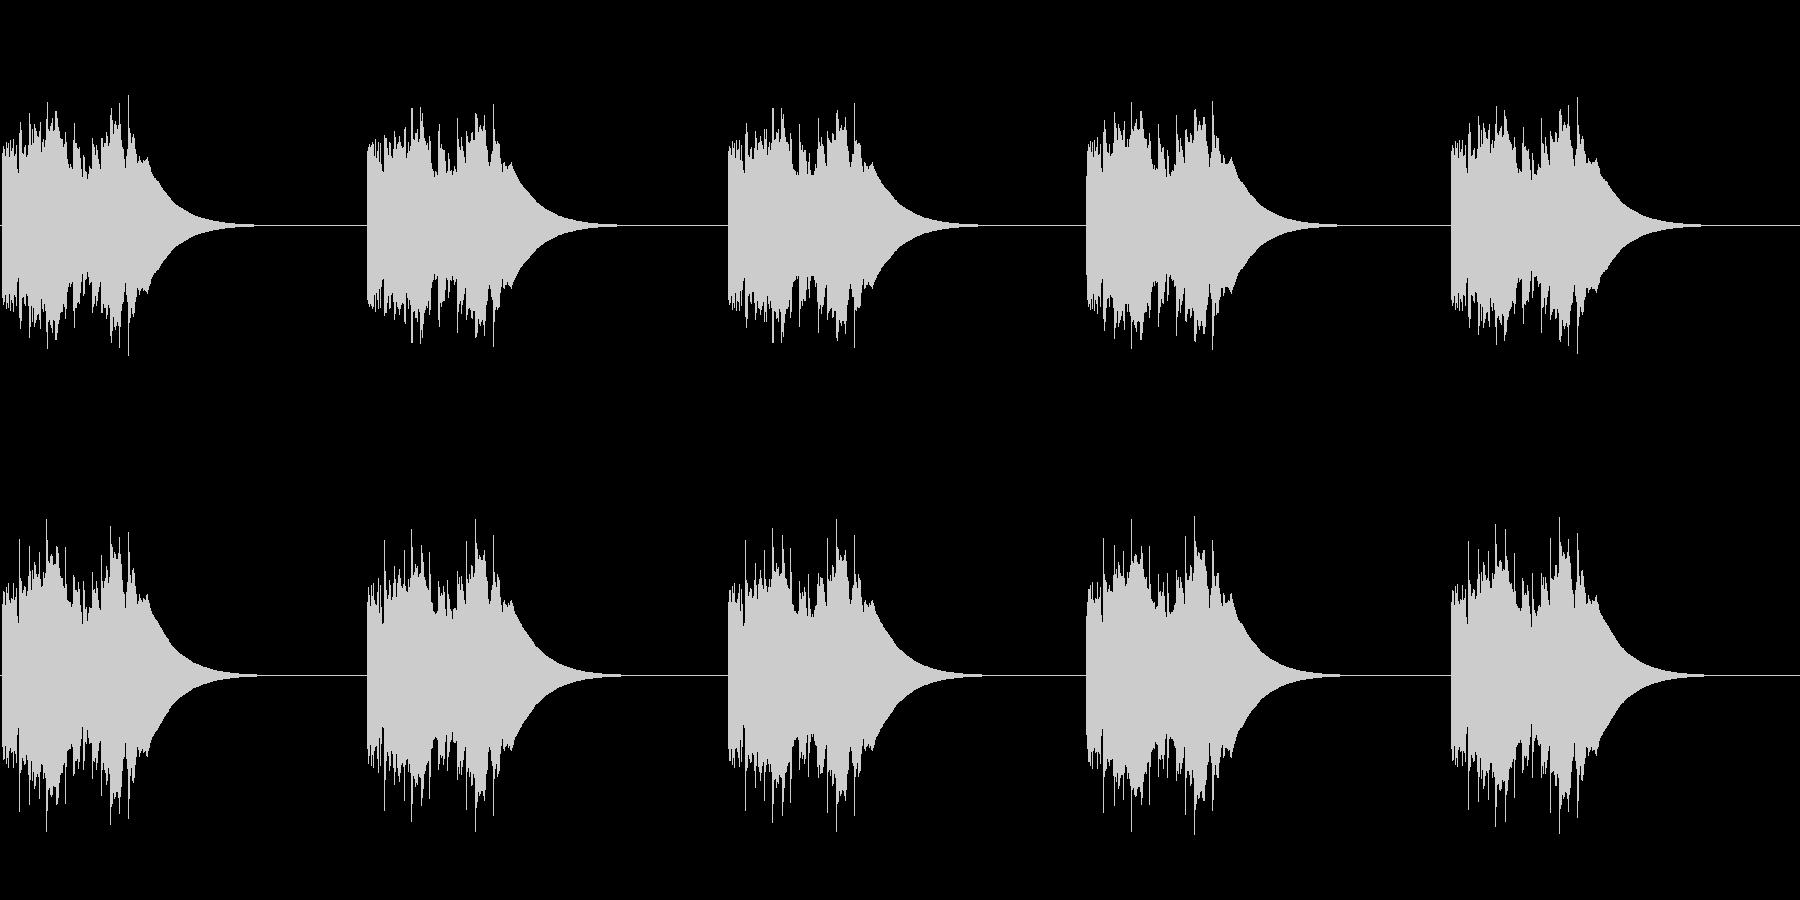 ファンタジー世界にあるような電話 ループの未再生の波形